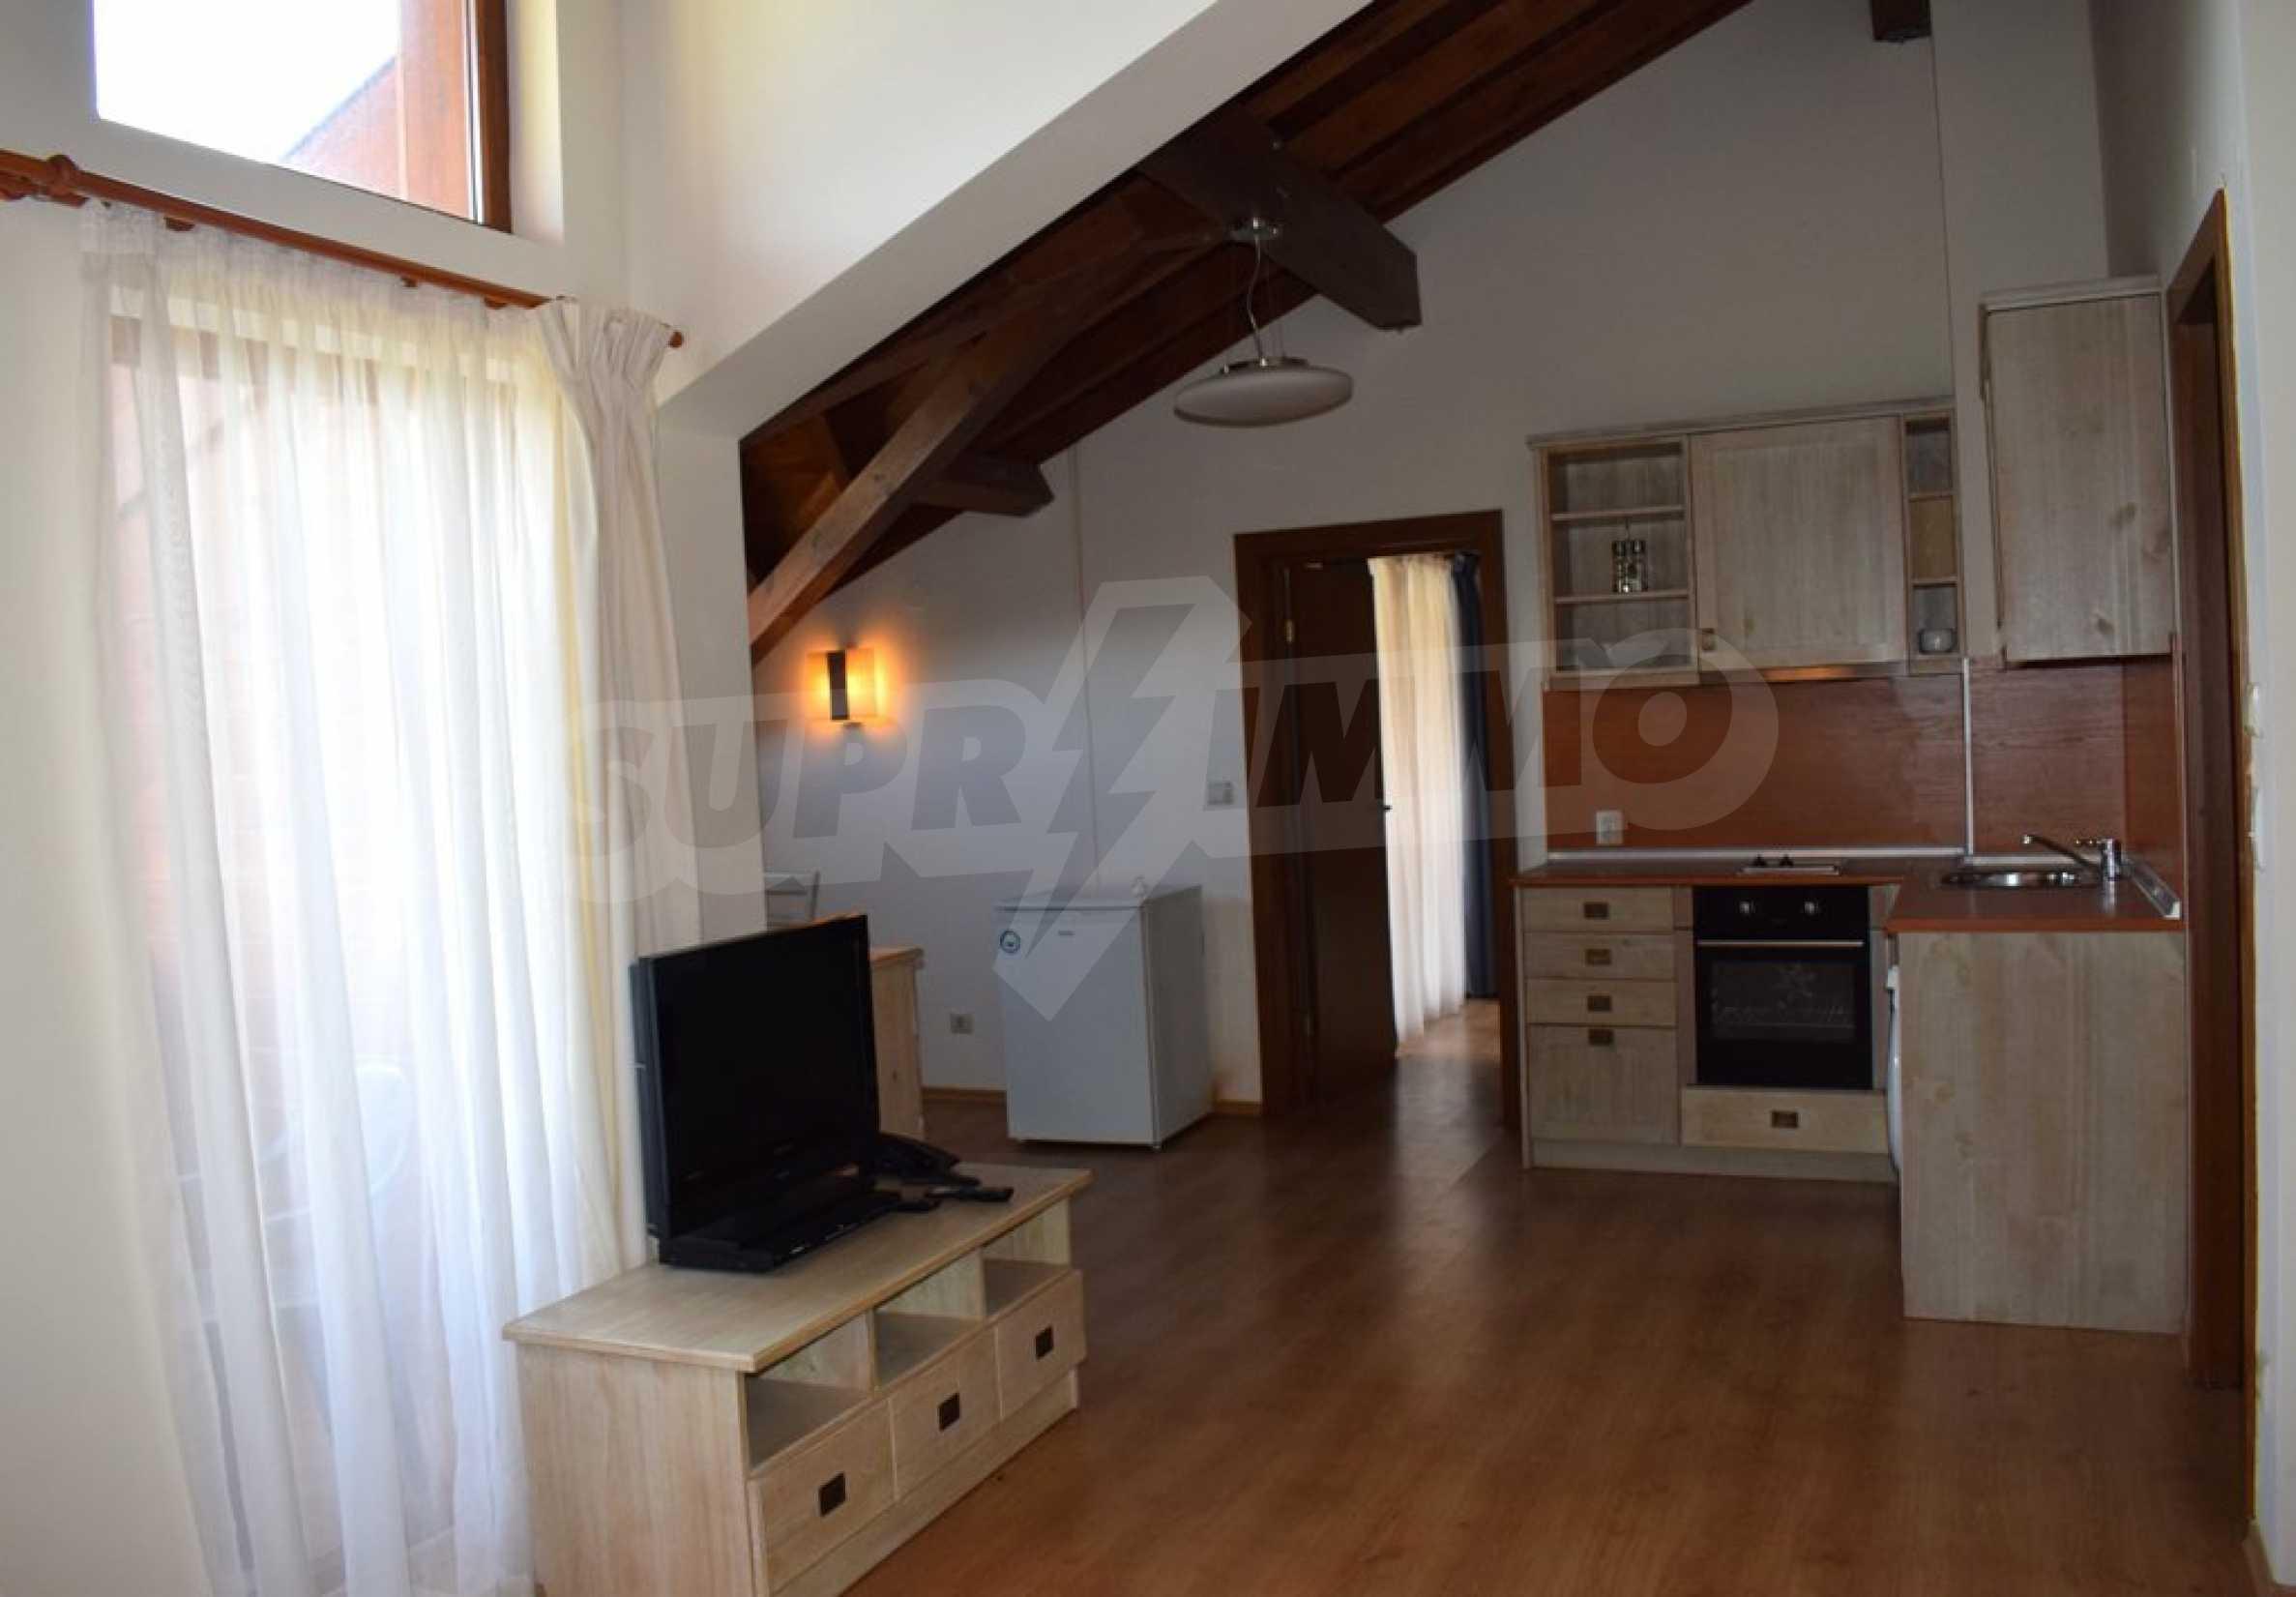 Двустаен апартамент в близост до голф игрище в района на Банско и Разлог 1